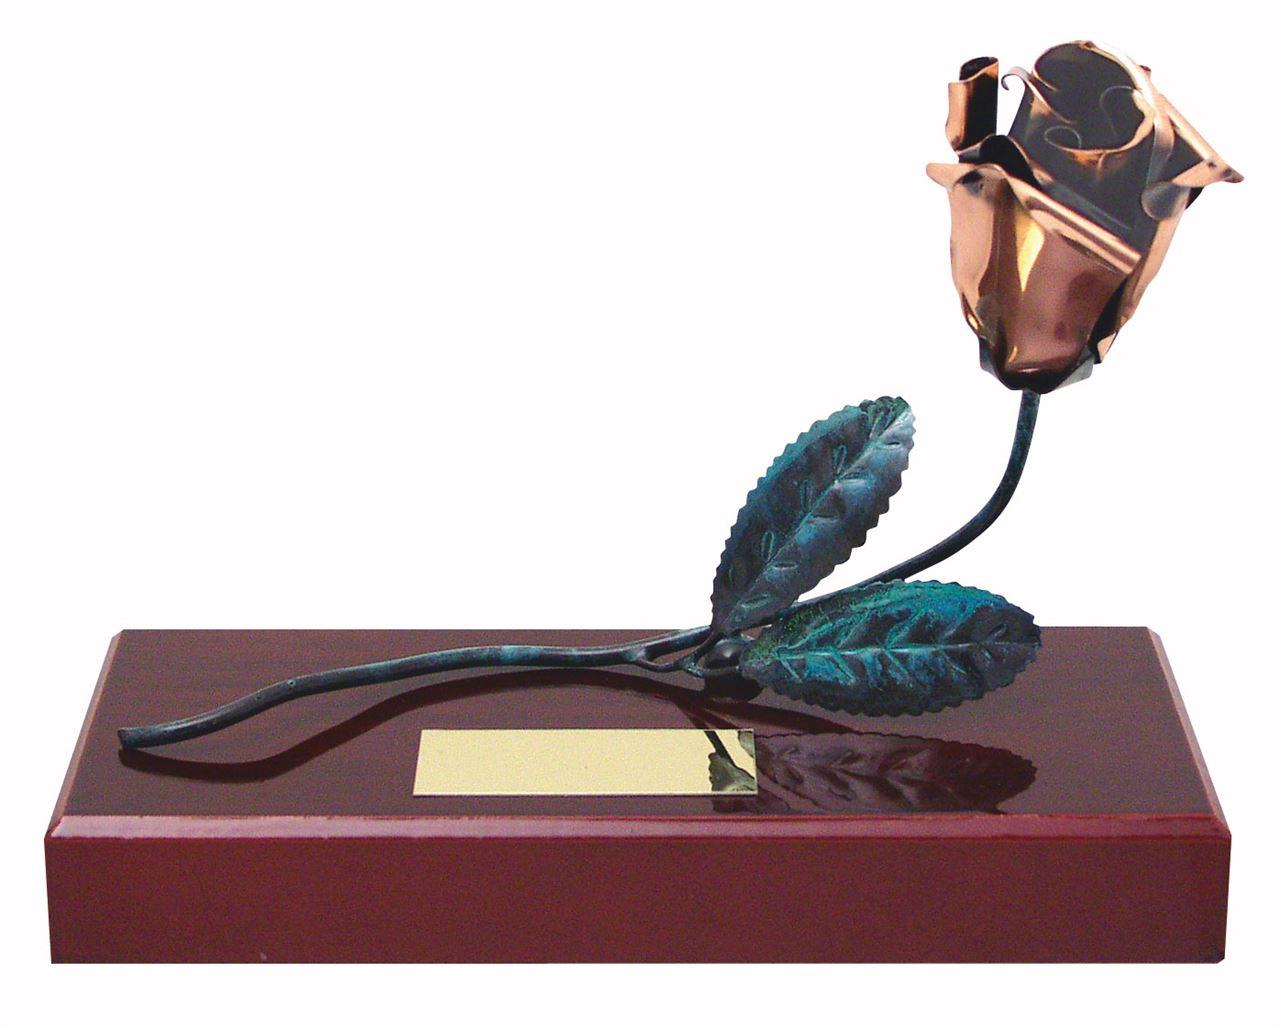 Rose Handmade Metal Trophy - 290